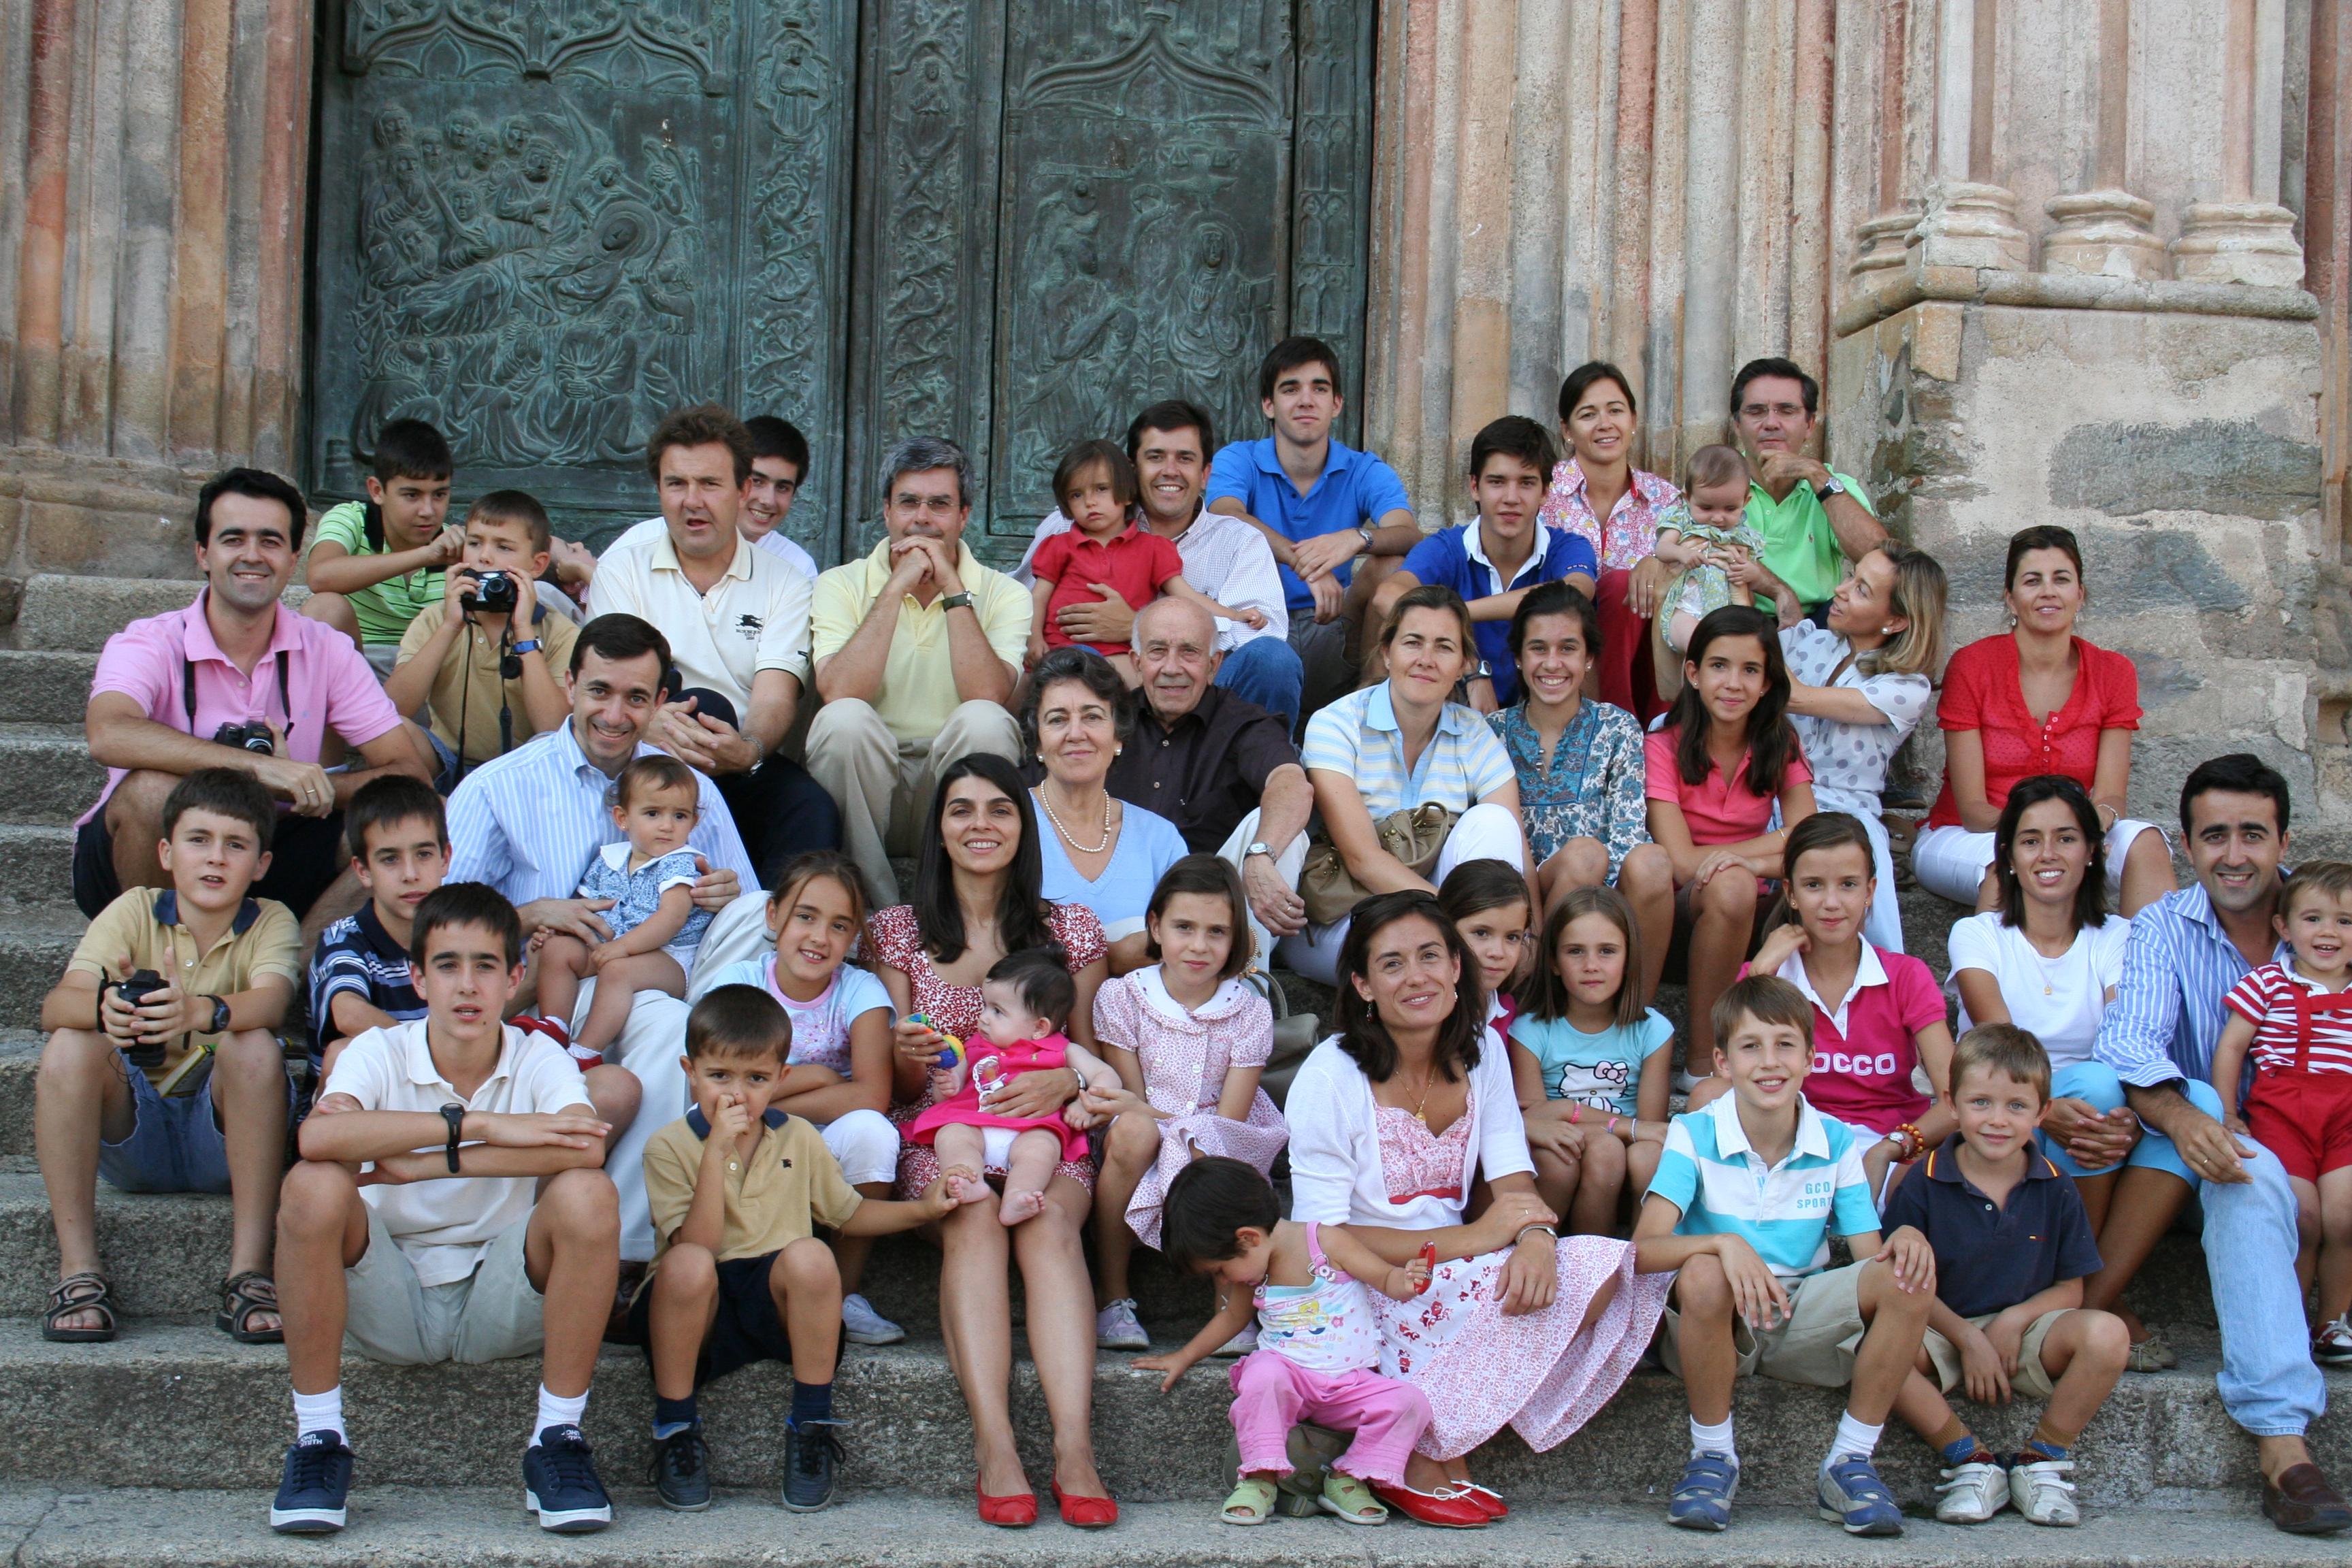 Картинки по запросу фото многодетная турецкая семья